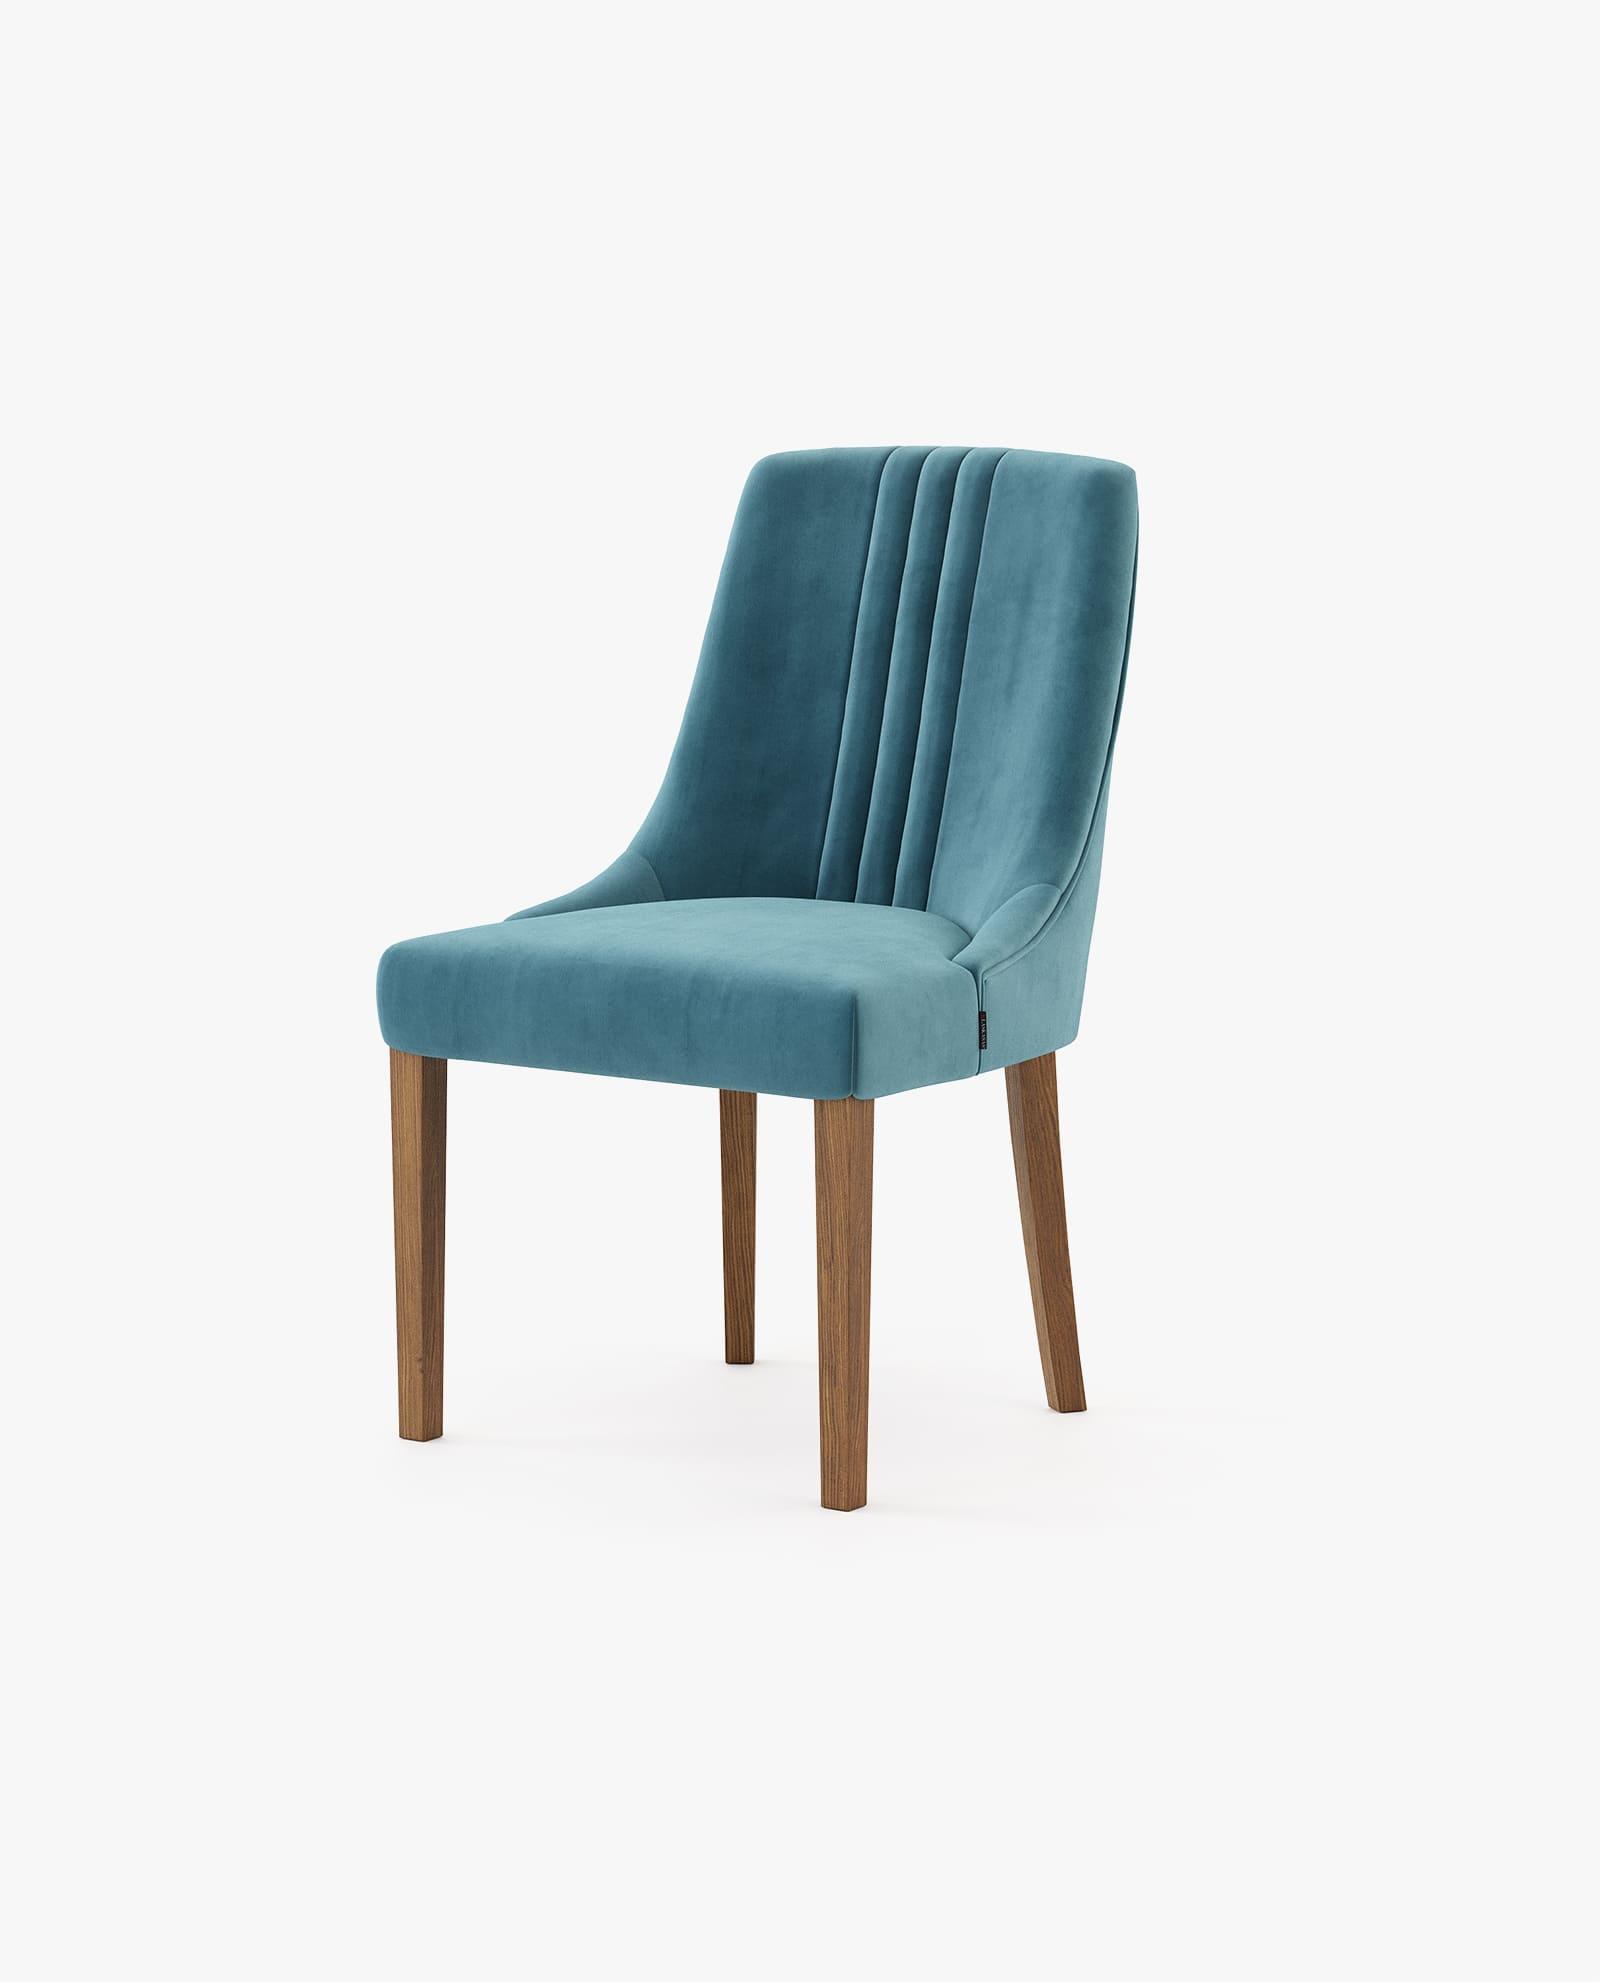 cadeira em estofo azul com madeira de nogueira